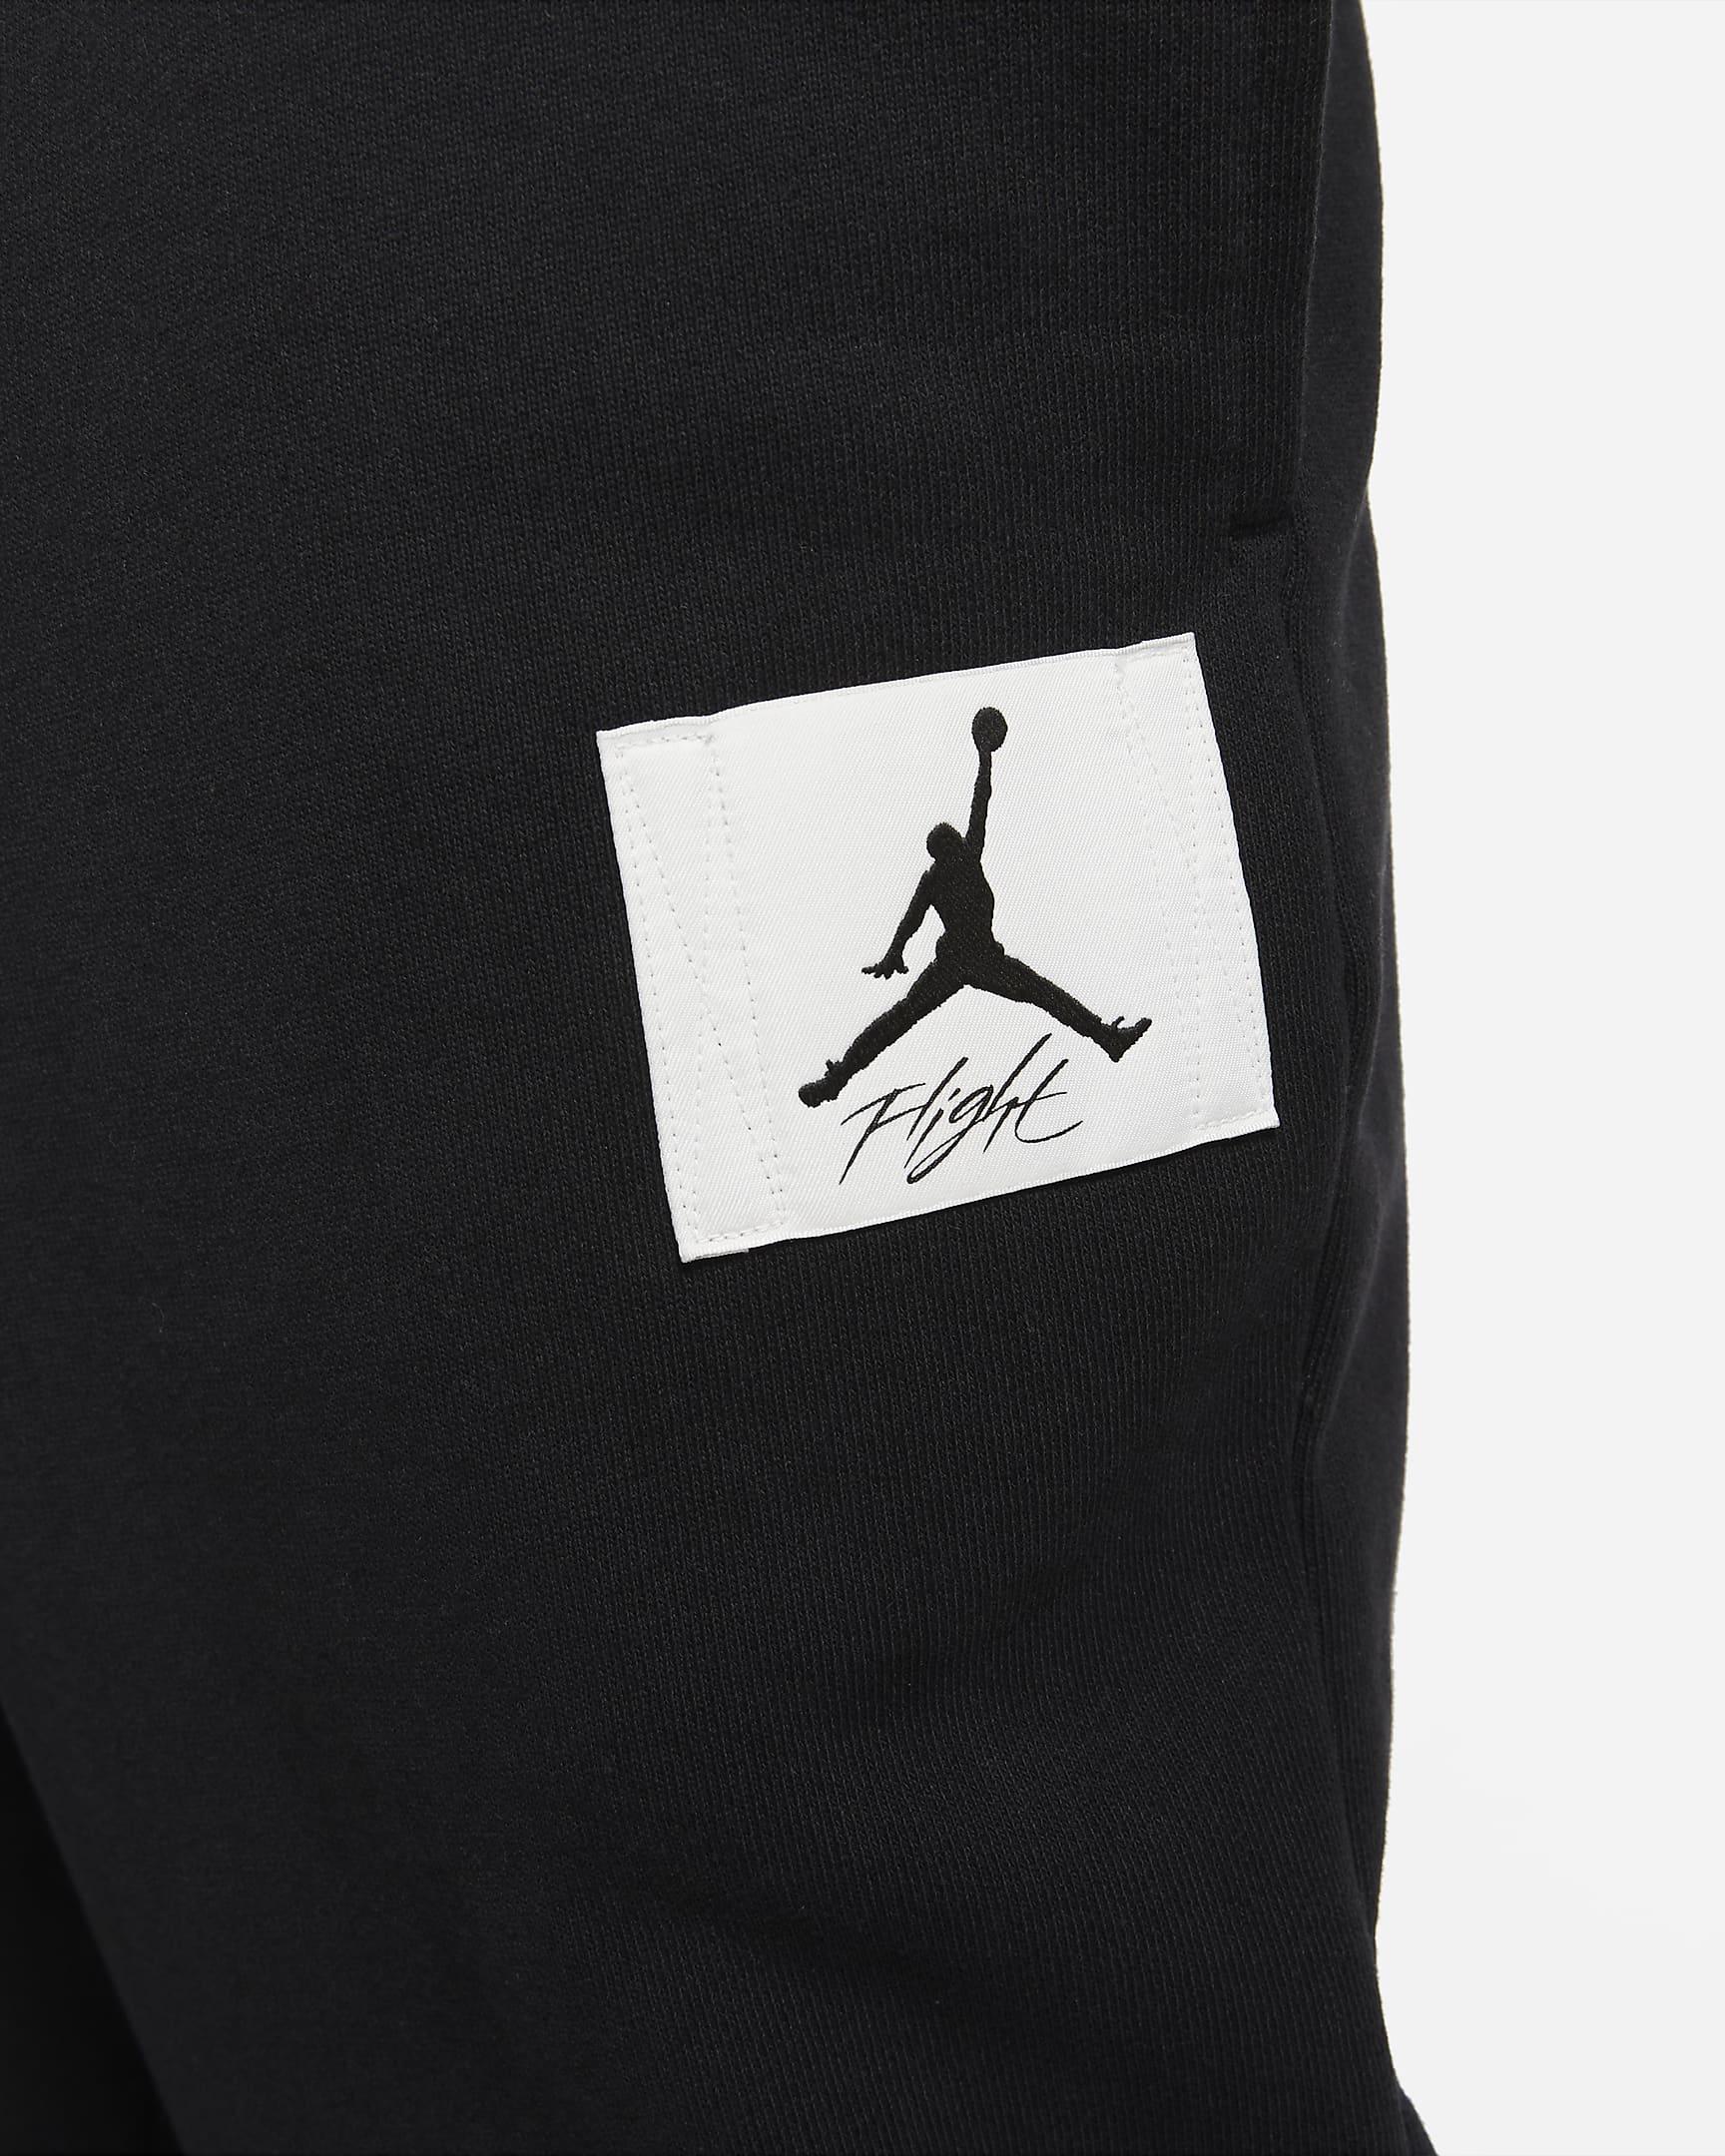 jordan-essentials-mens-statement-fleece-pants-92lNjM-1.png